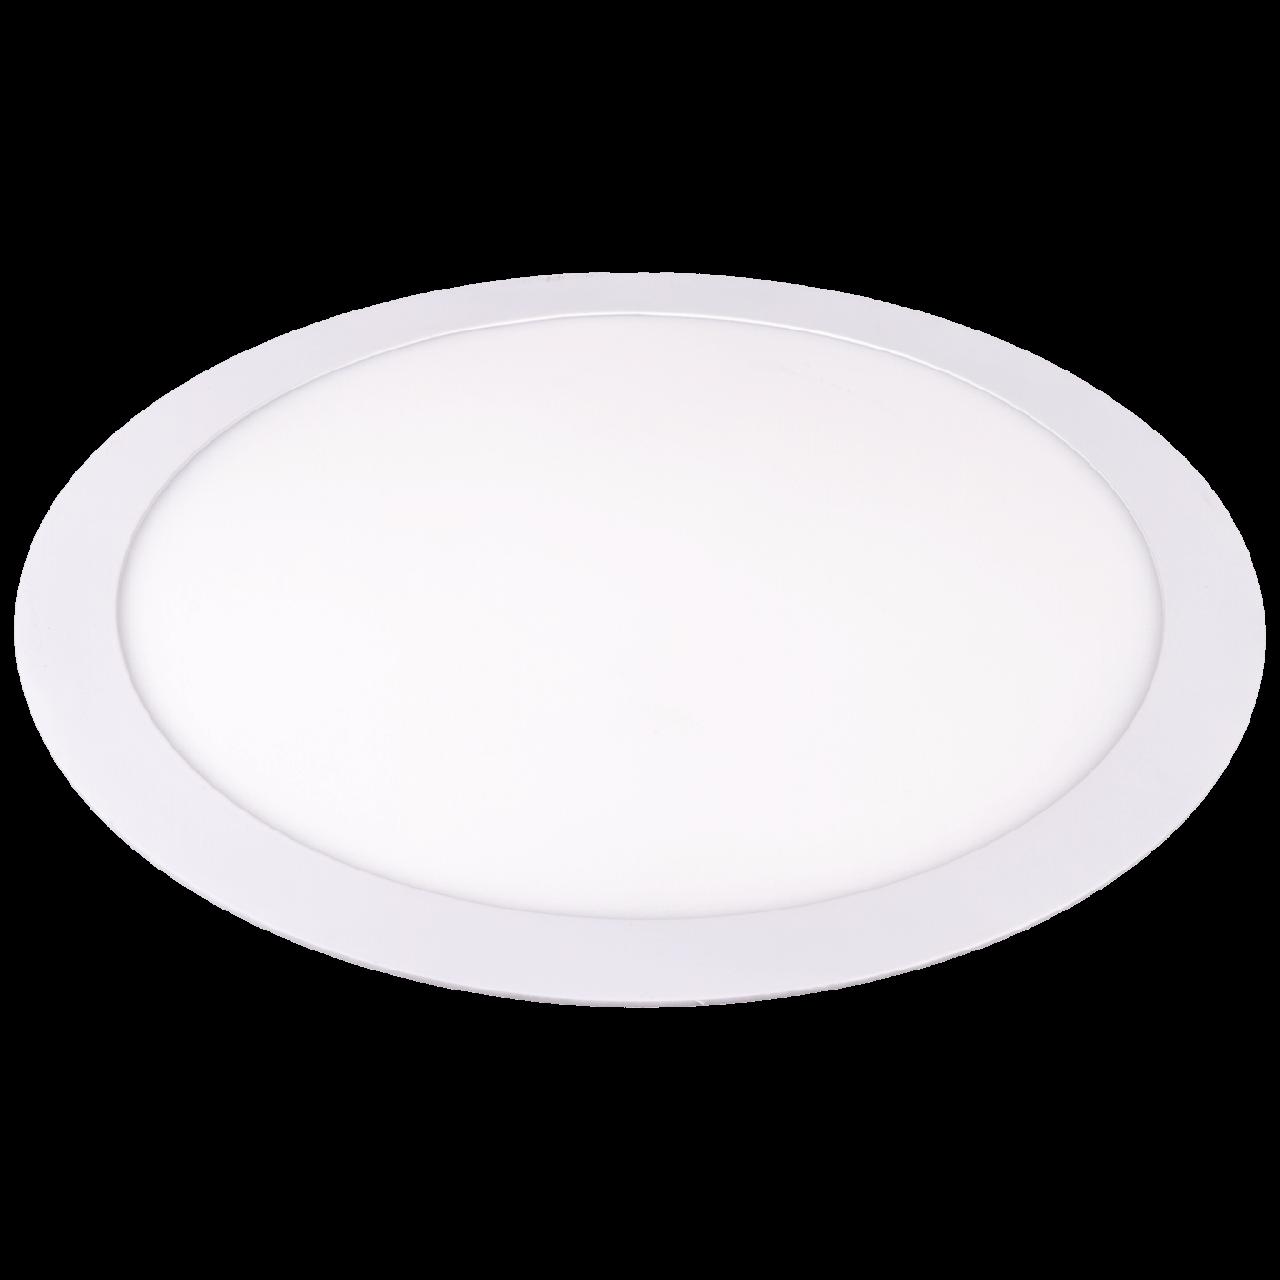 LED светильник Ilumia 24W 4000К нейтральный круг врезной (030)